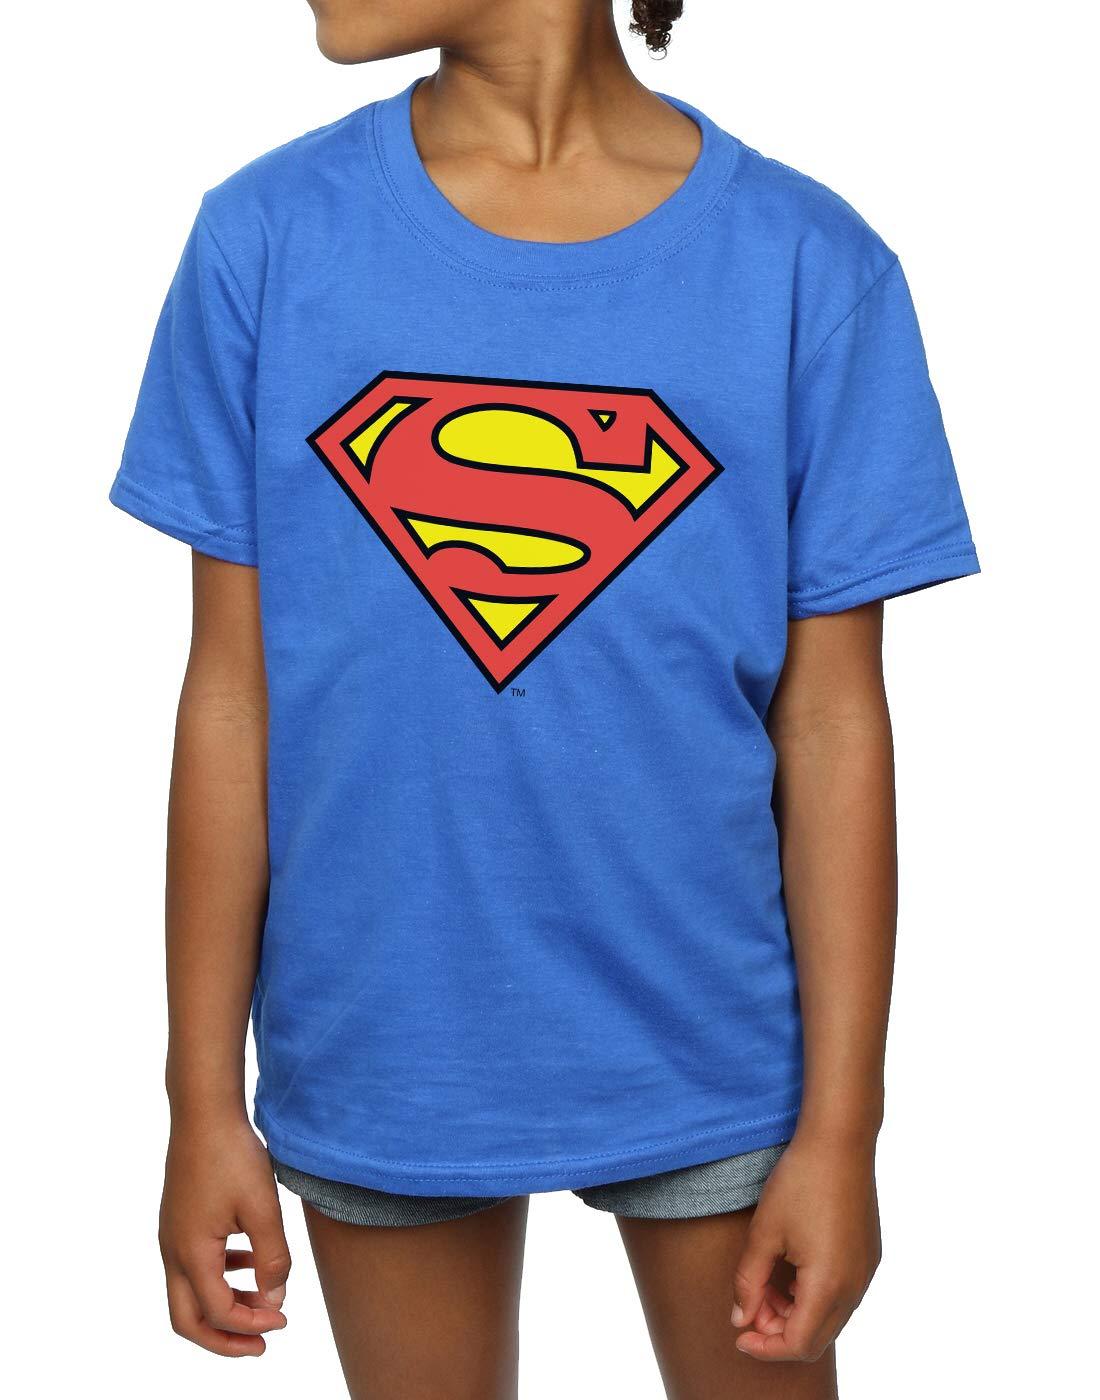 DC Comics niñas Superman Logo Camiseta 5-6 Years Azul real: Amazon.es: Ropa y accesorios